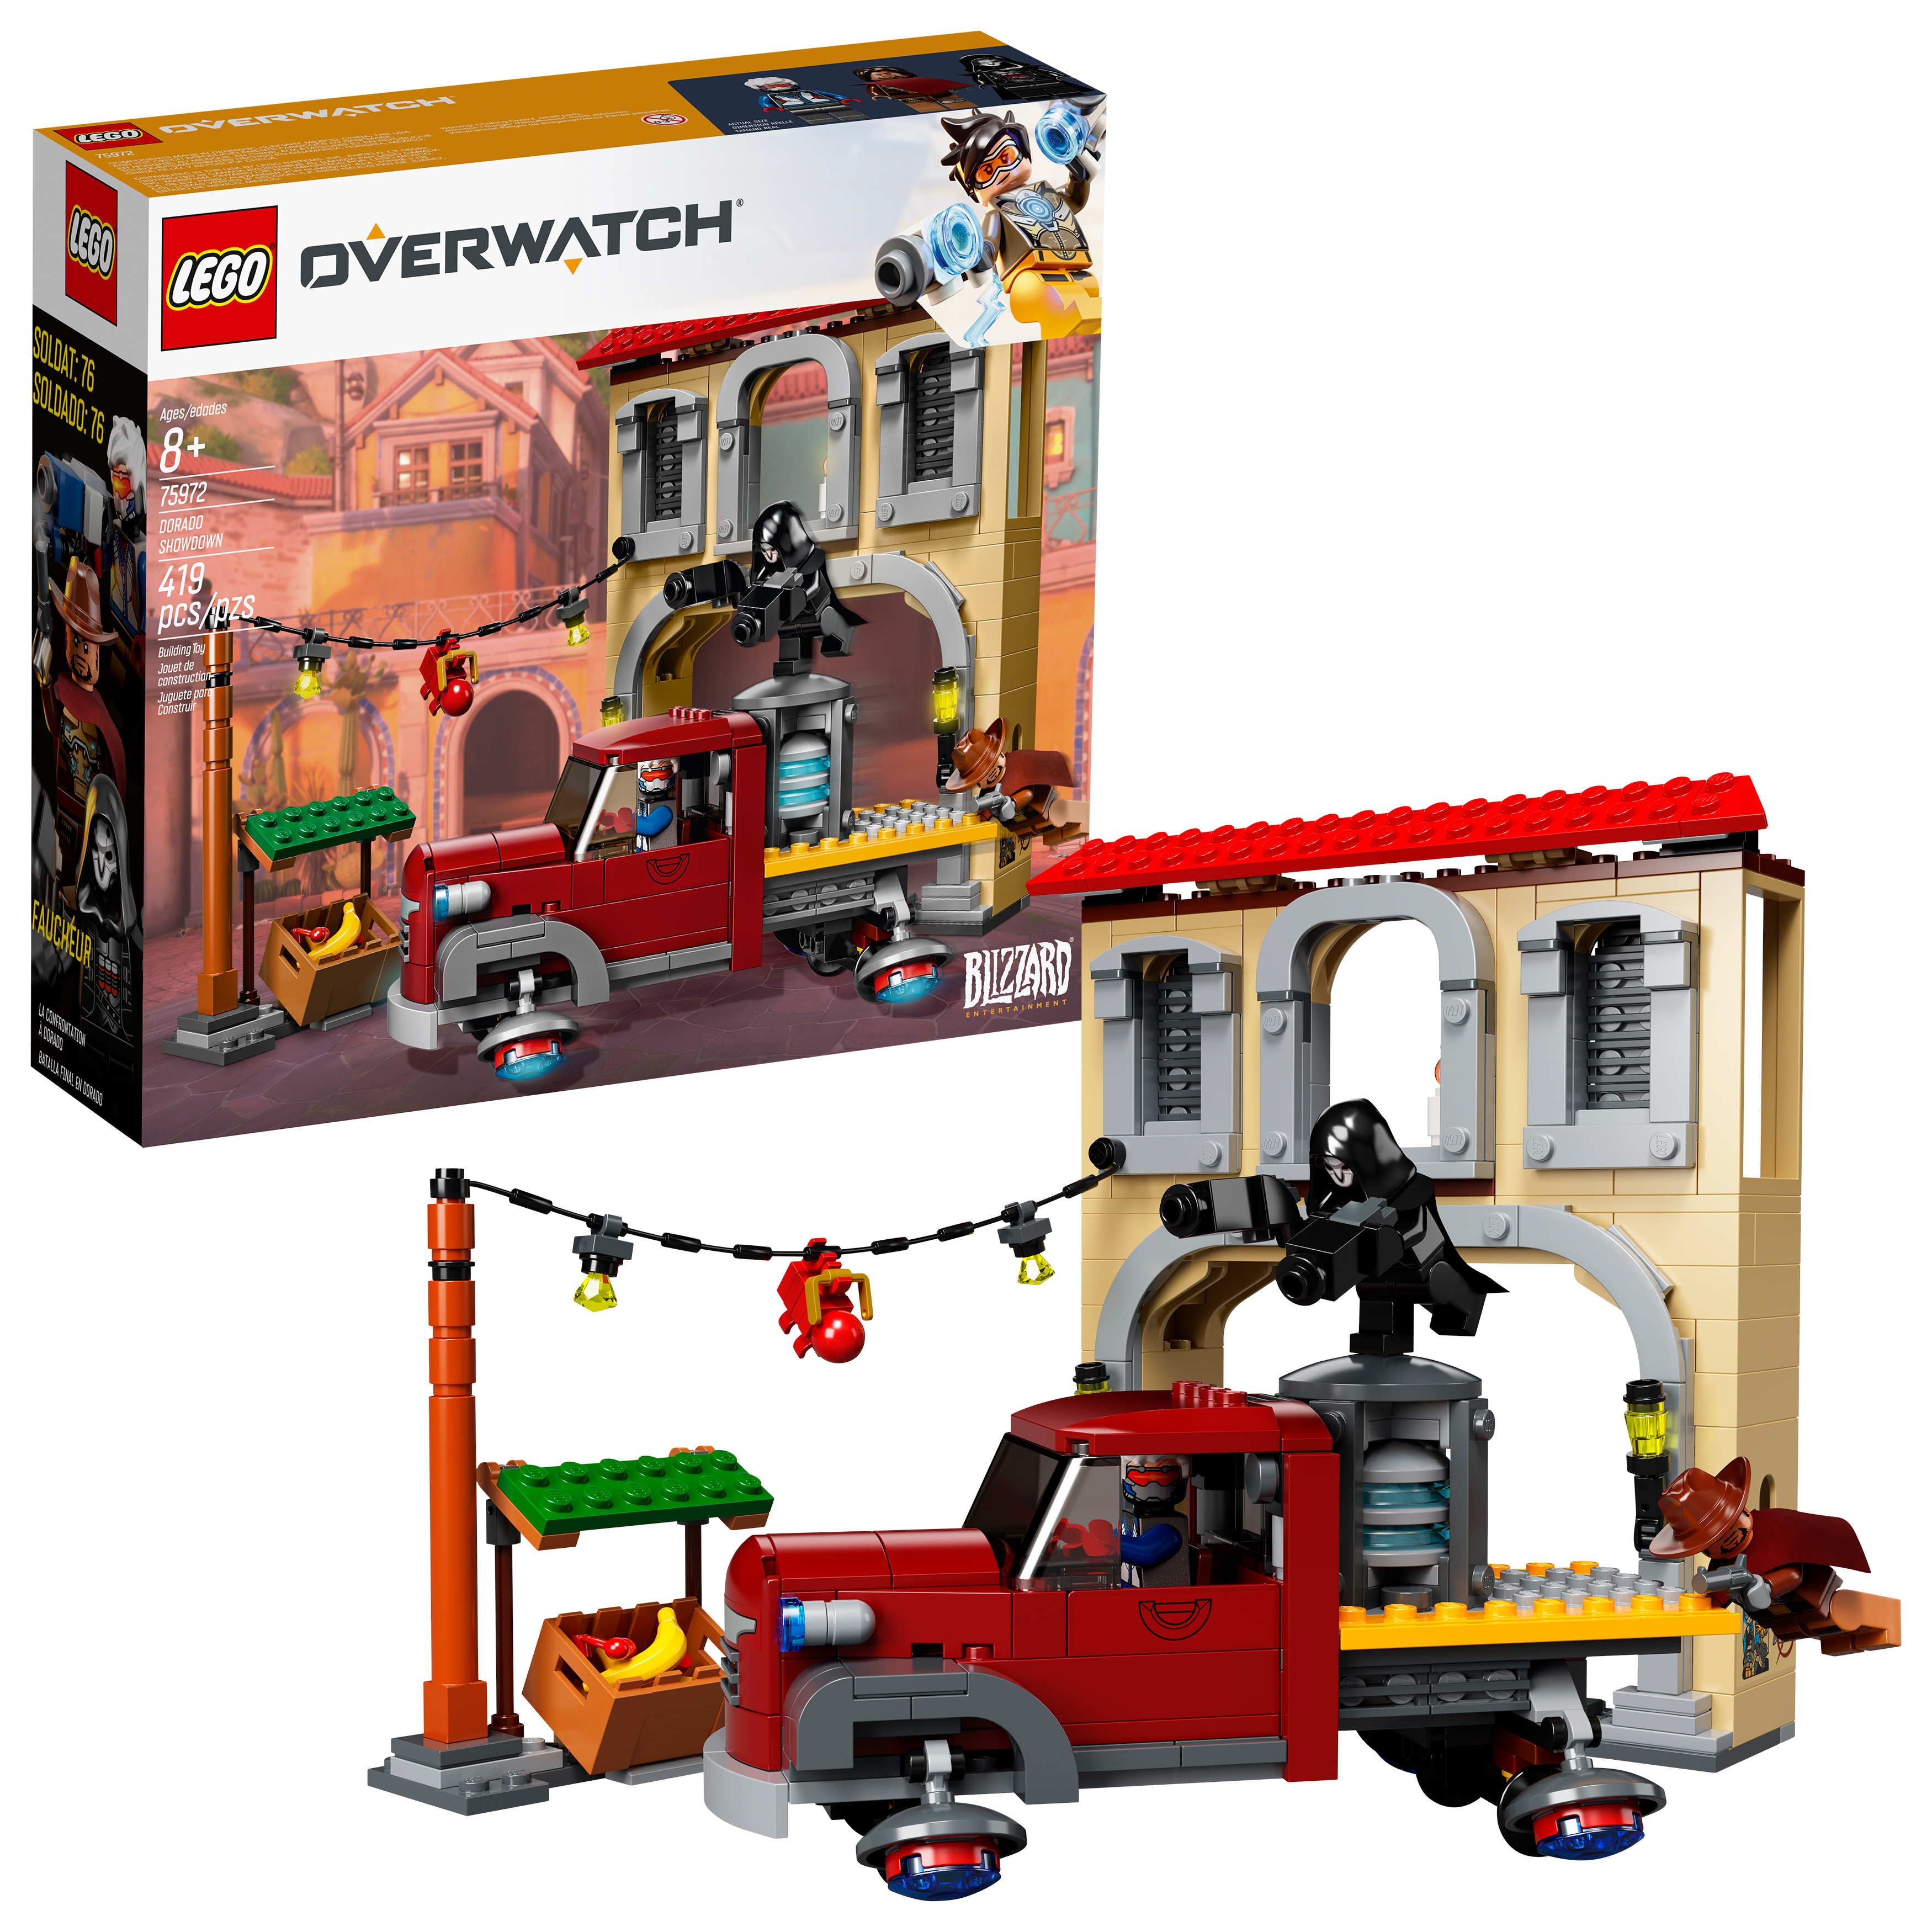 LEGO Overwatch Dorado Showdown 75972 - Walmart.com